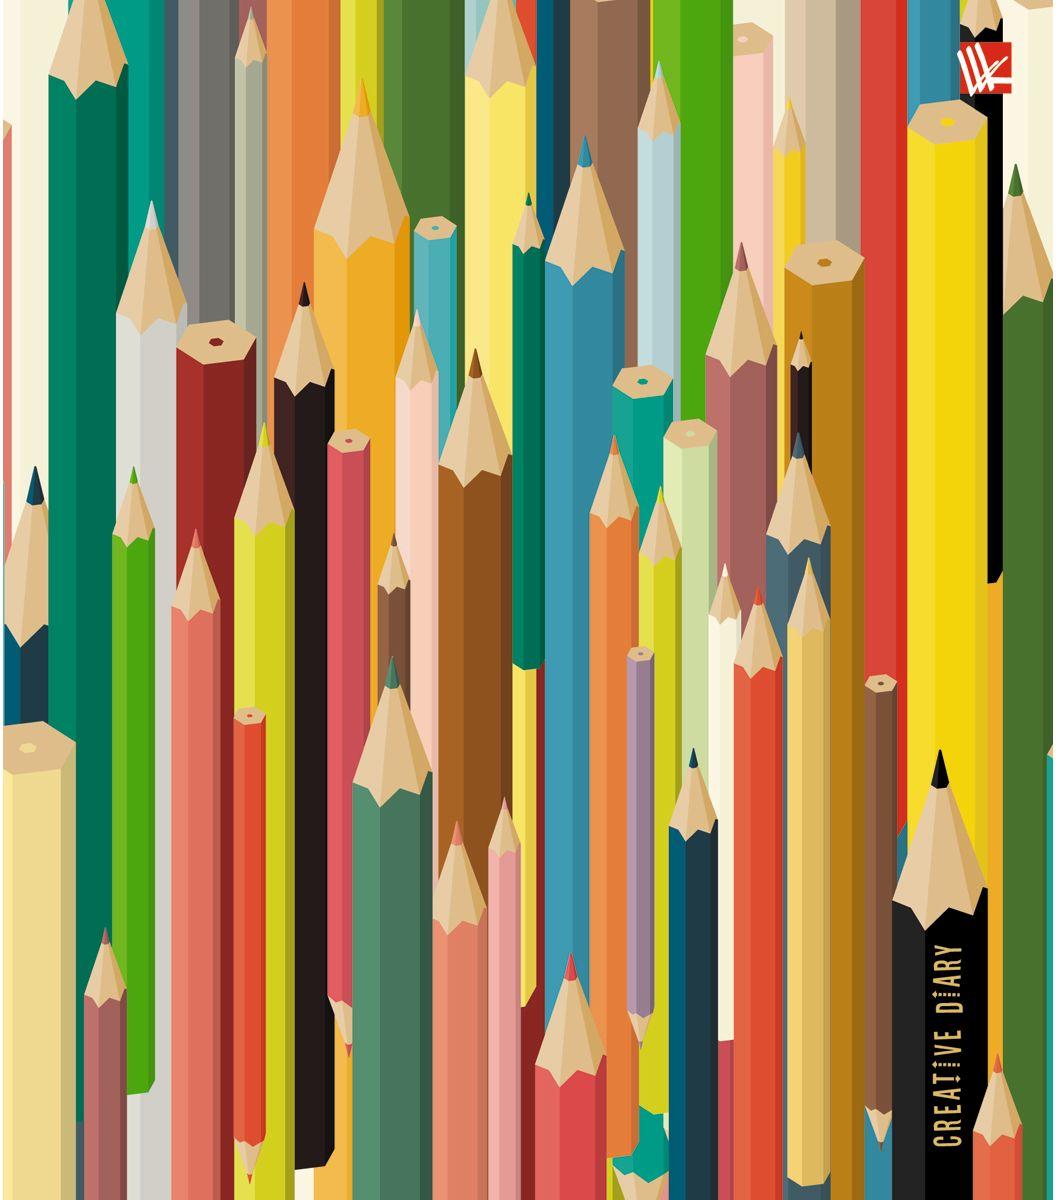 Канц-Эксмо Ежедневник Графика Цветные карандаши недатированный 128 листов ежедневник недатированный 128 листов графика акварельный орнамент 128л а5 канц эксмо